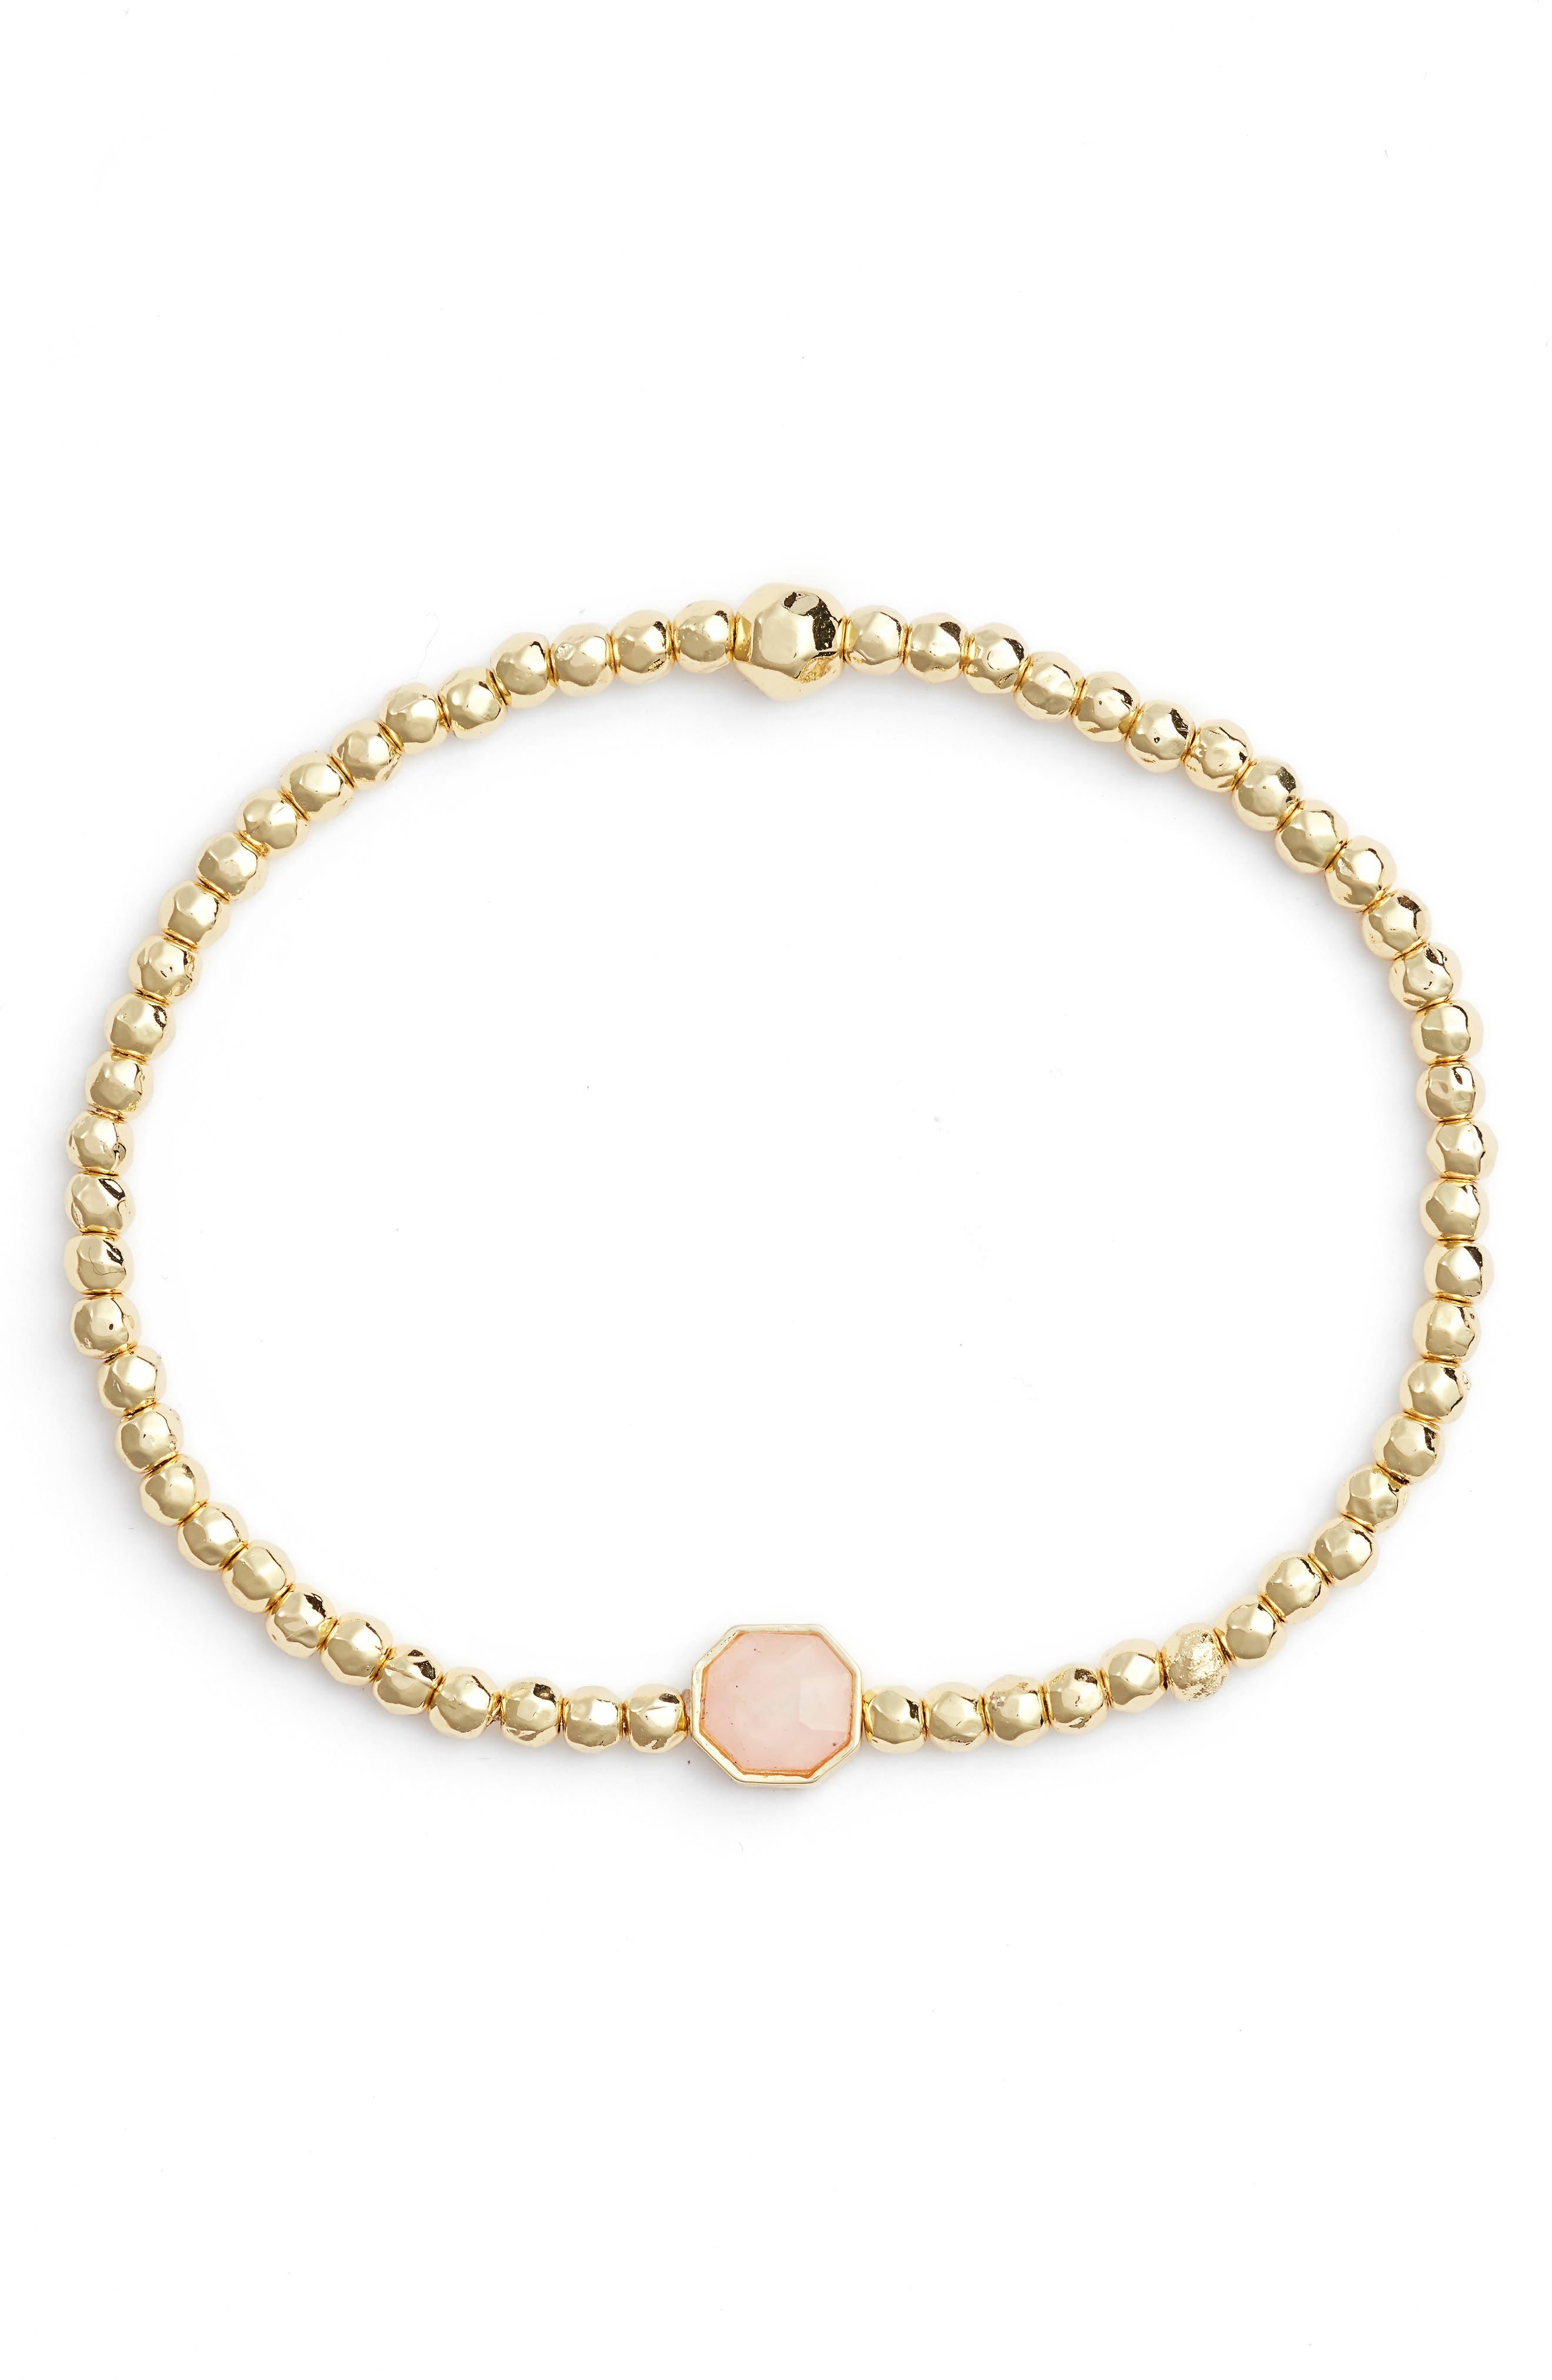 GORJANA Power Gemstone Beaded Bracelet in Rose Quartz/ Gold